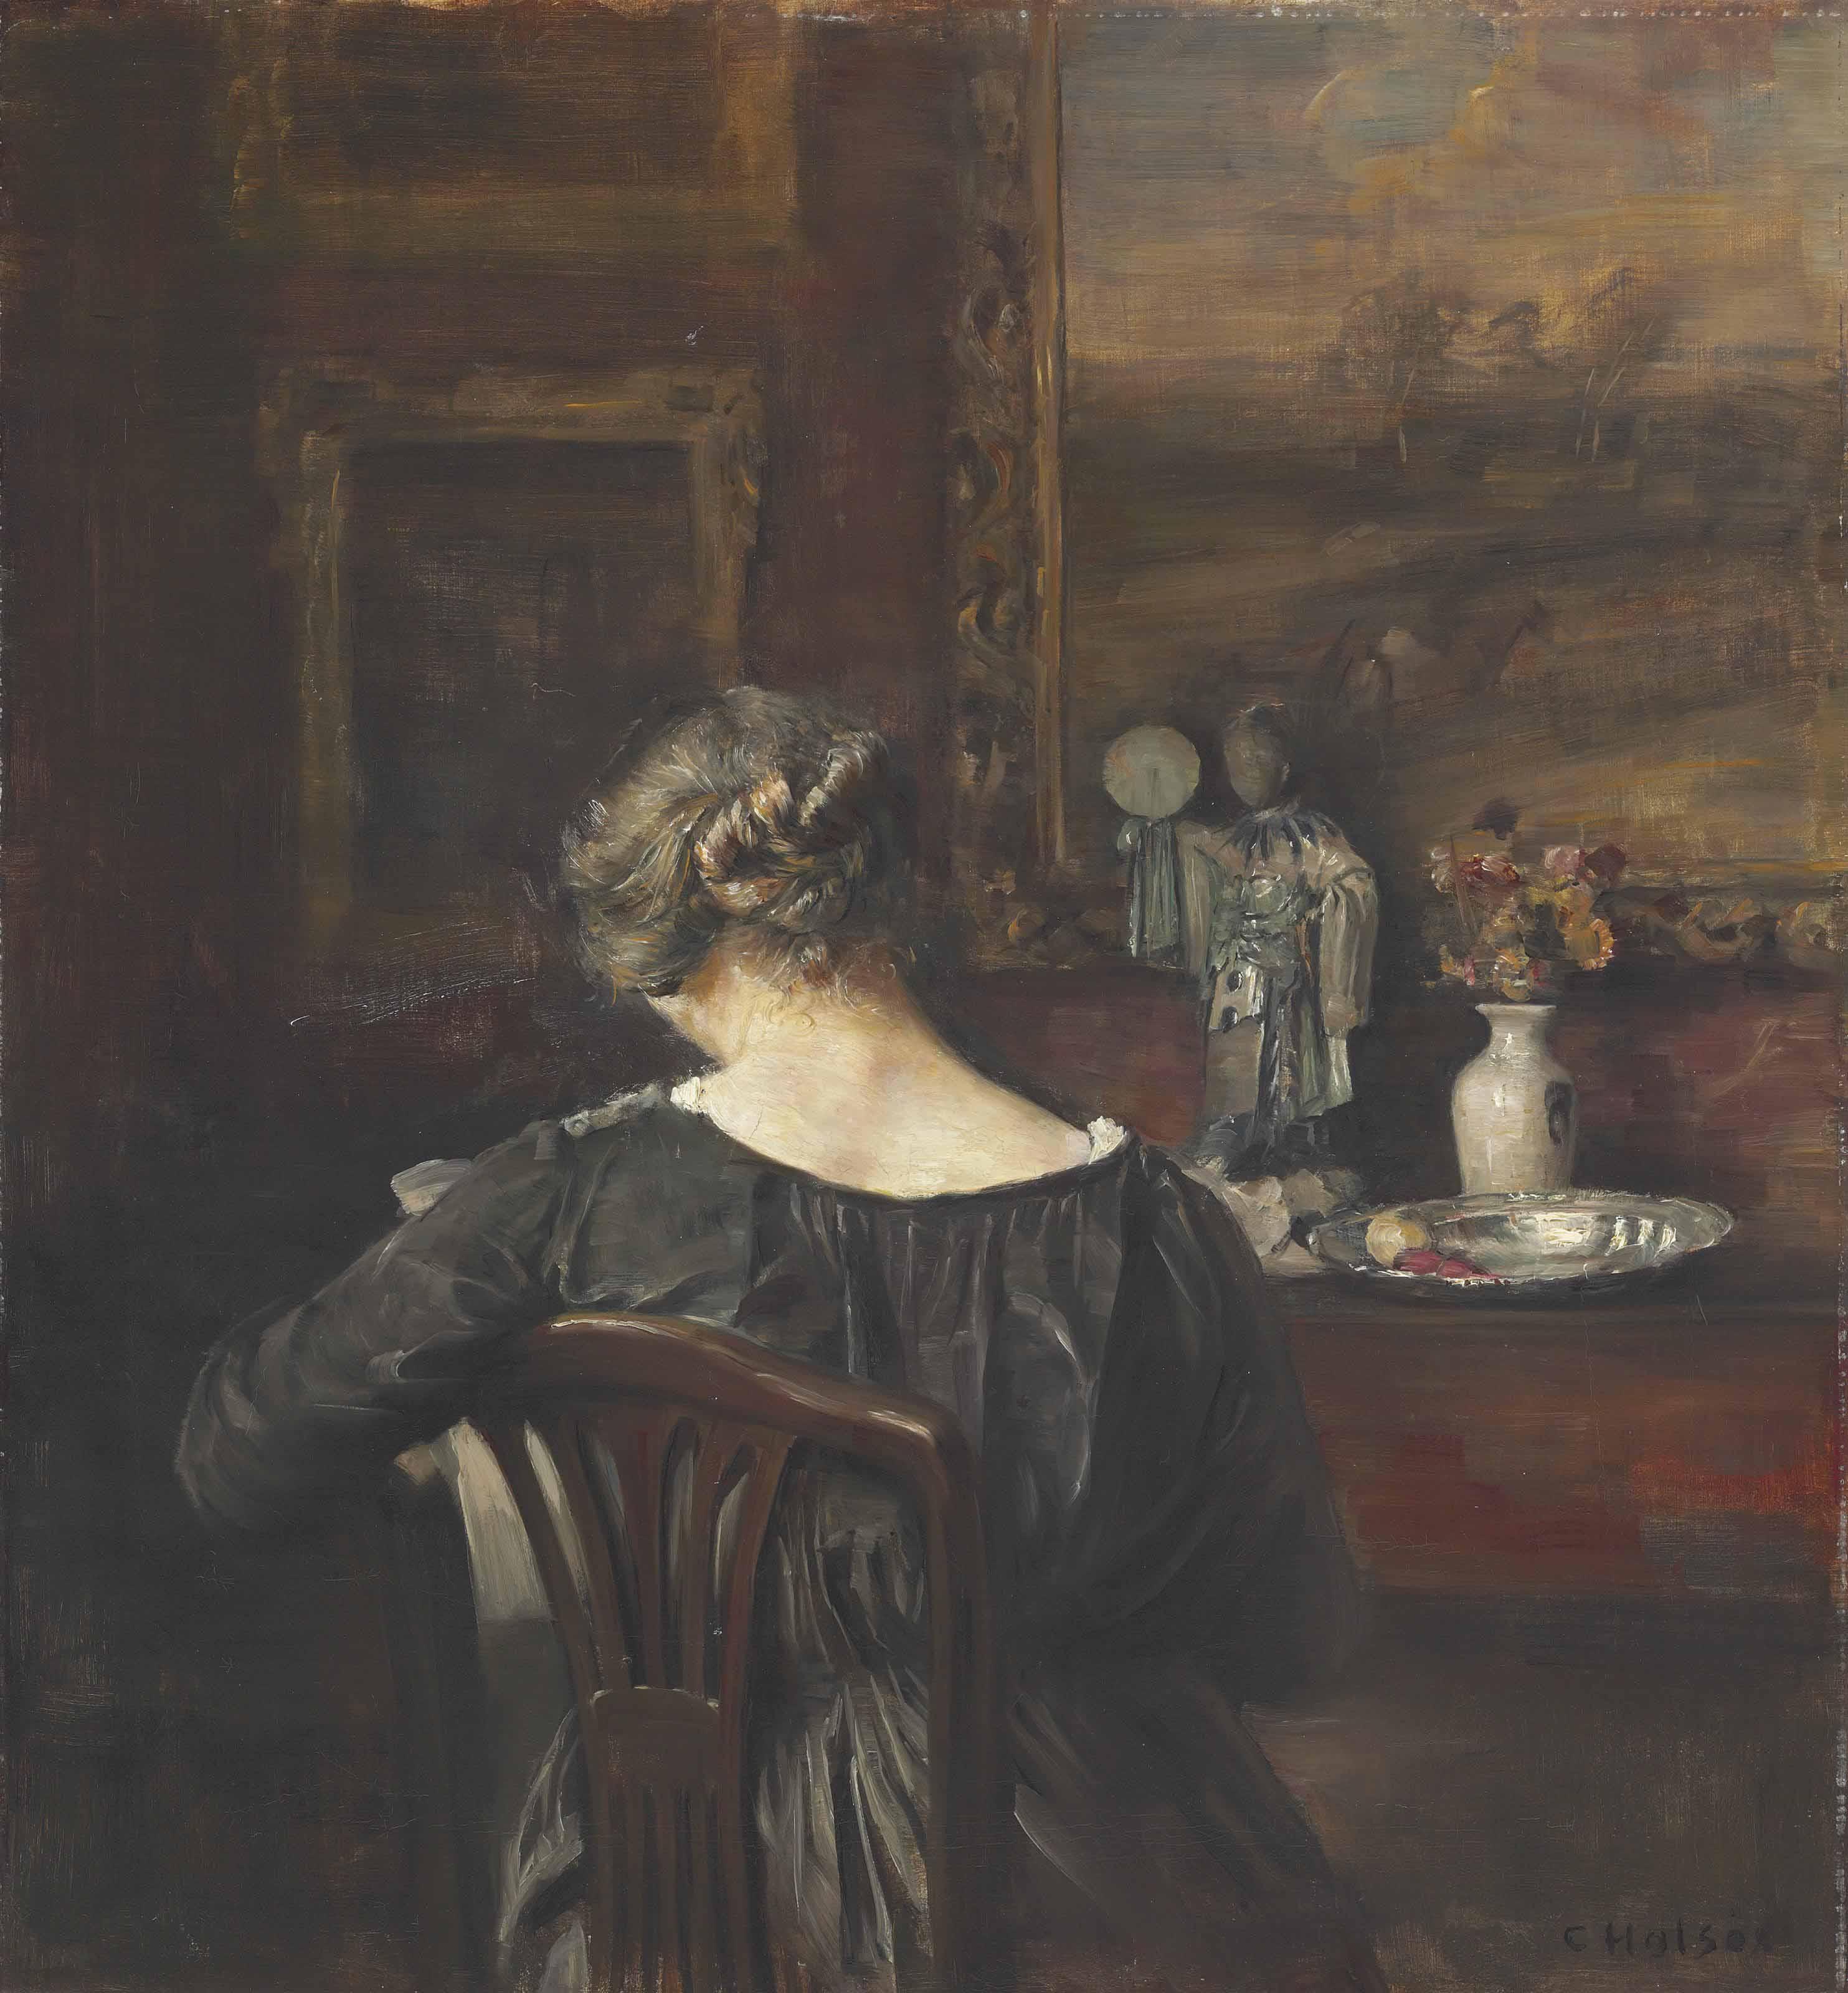 Carl Vilhelm Holsøe (Danish, 1